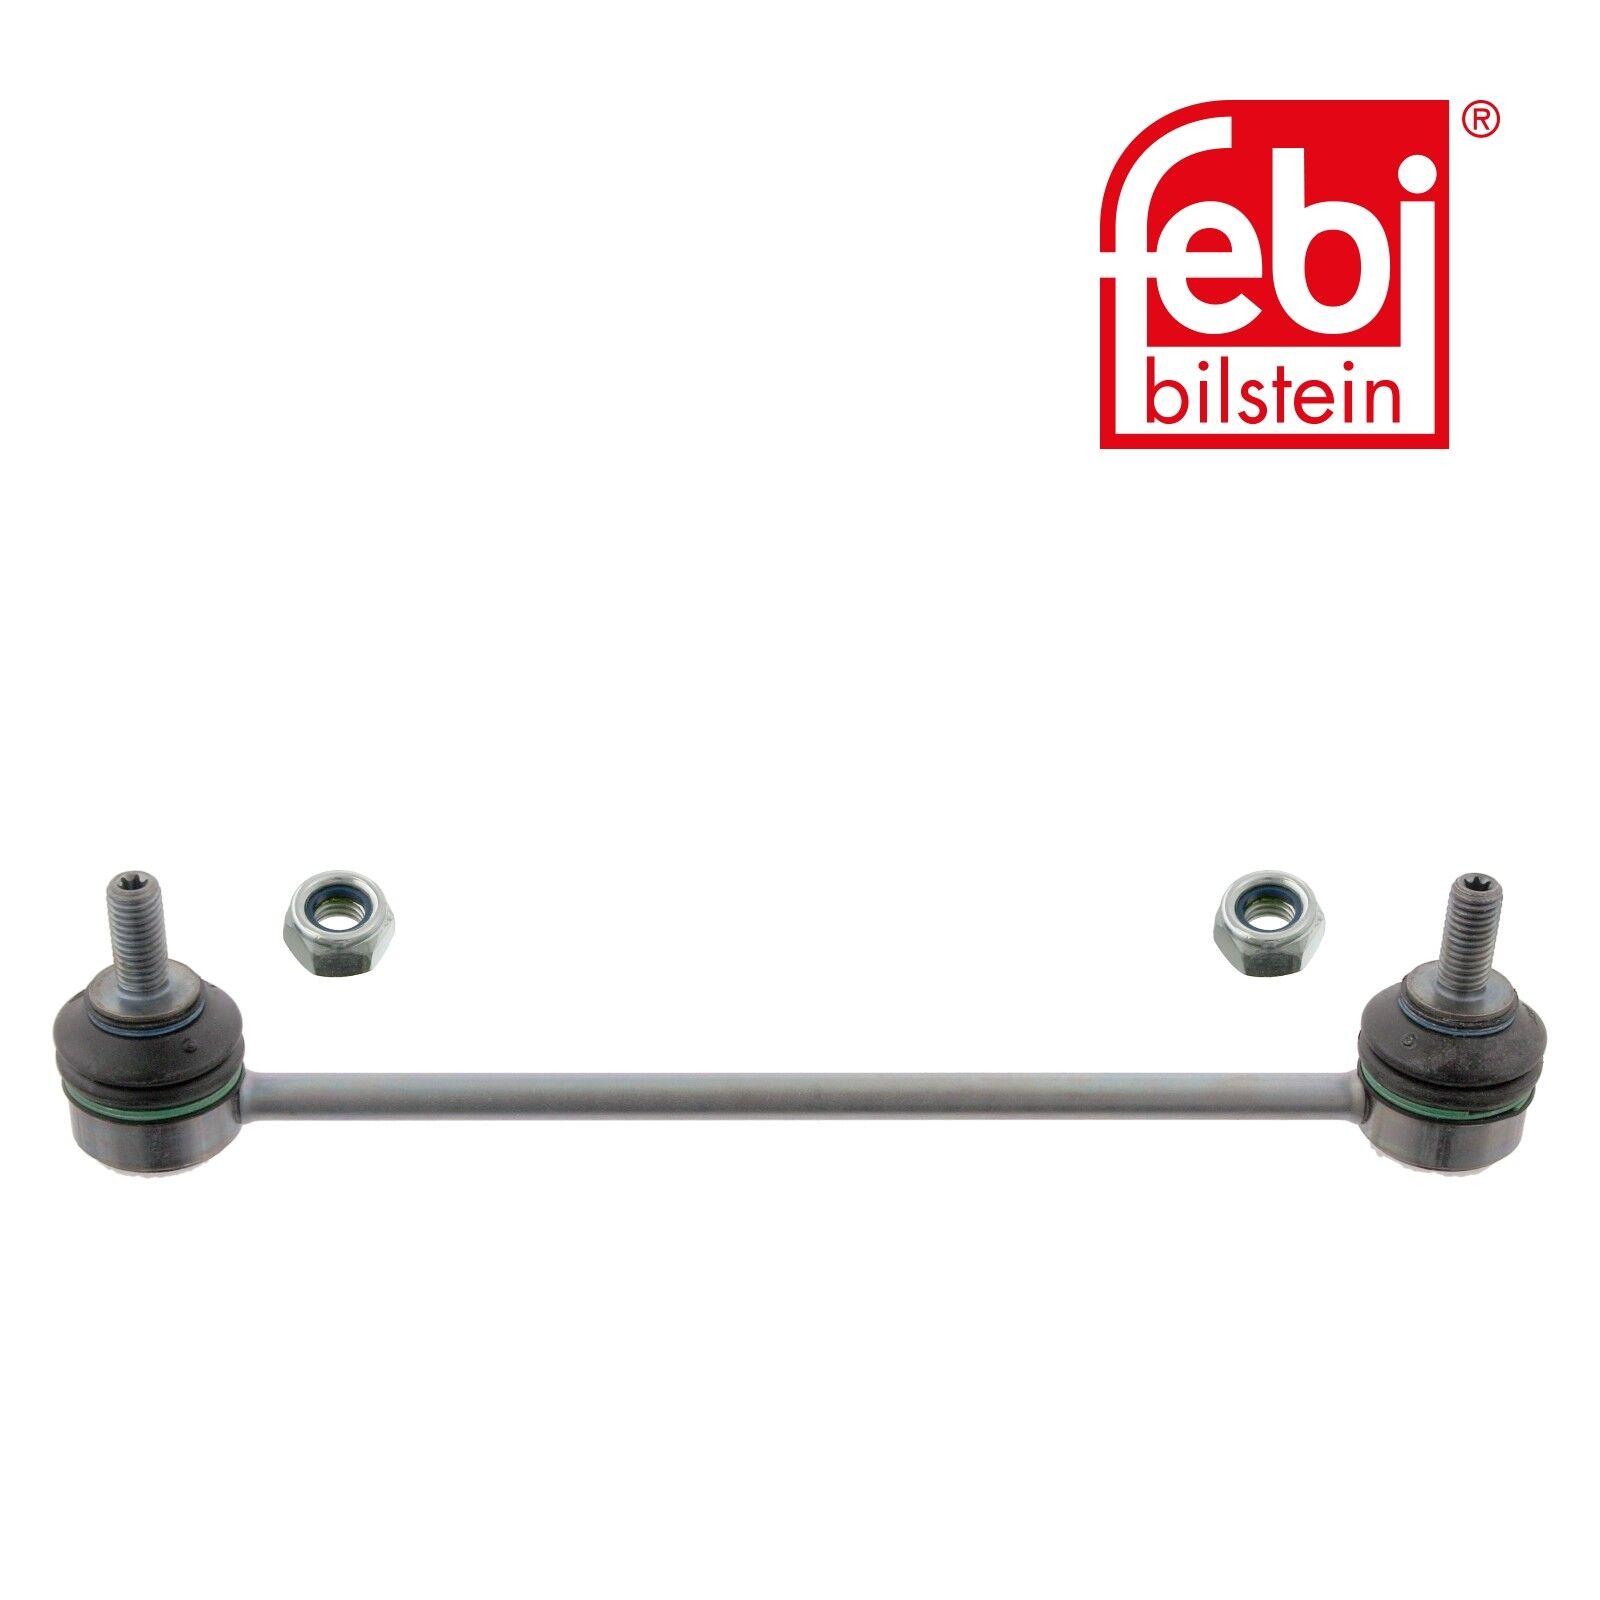 FEBI BILSTEIN 2x Koppelstange Stabilisator 29855//2x vorne beidseitig für B-CLASS